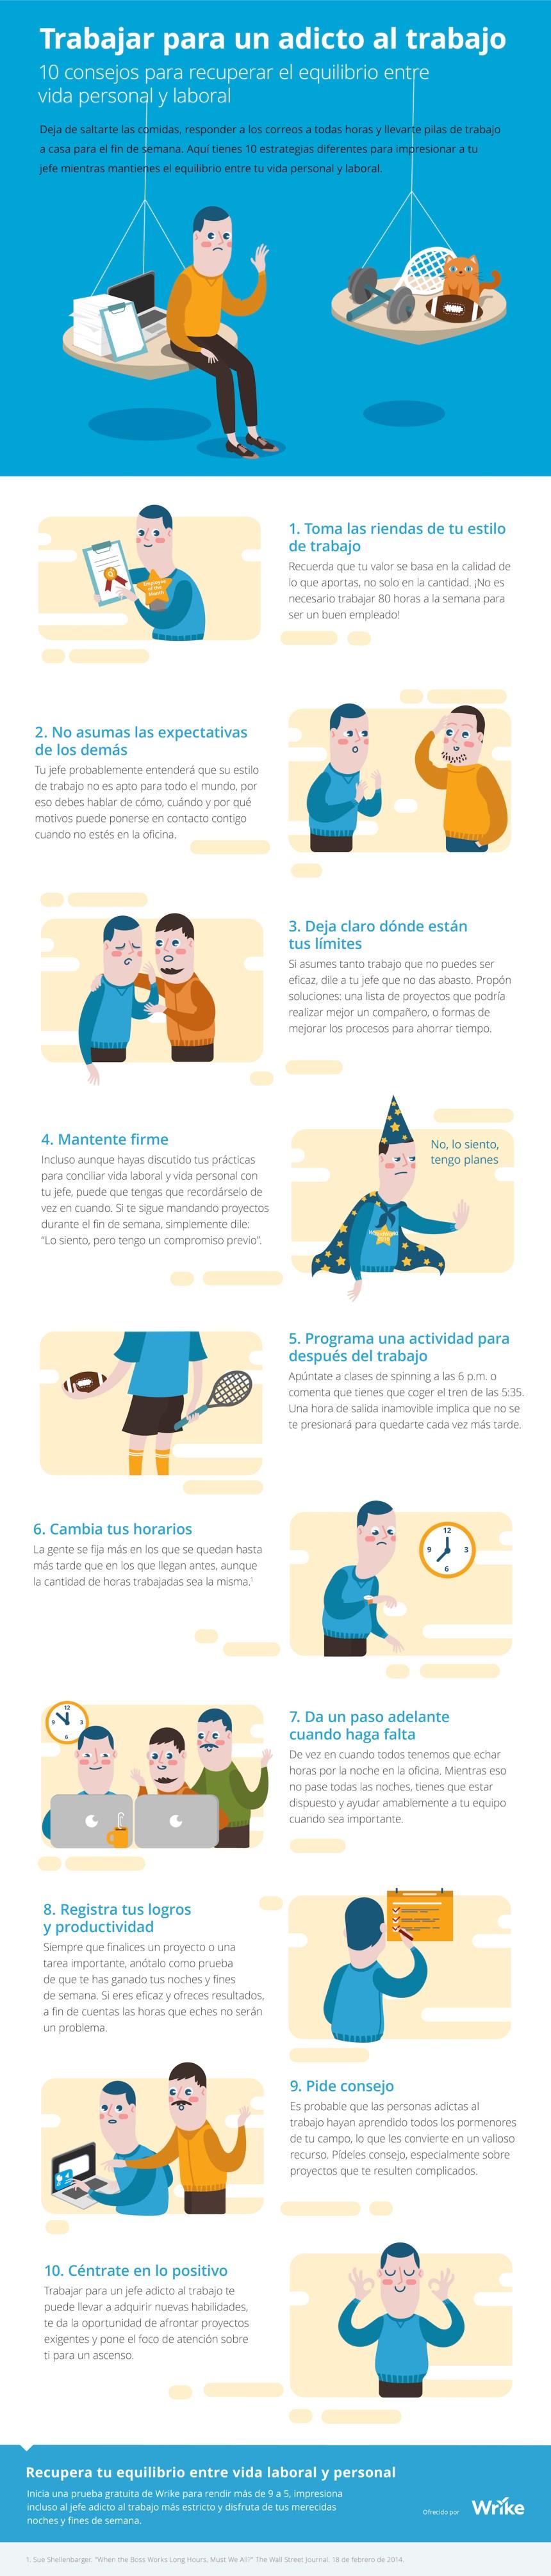 10 consejos para recuperar el equilibrio entre tu vida personal y laboral #infografia #empleo